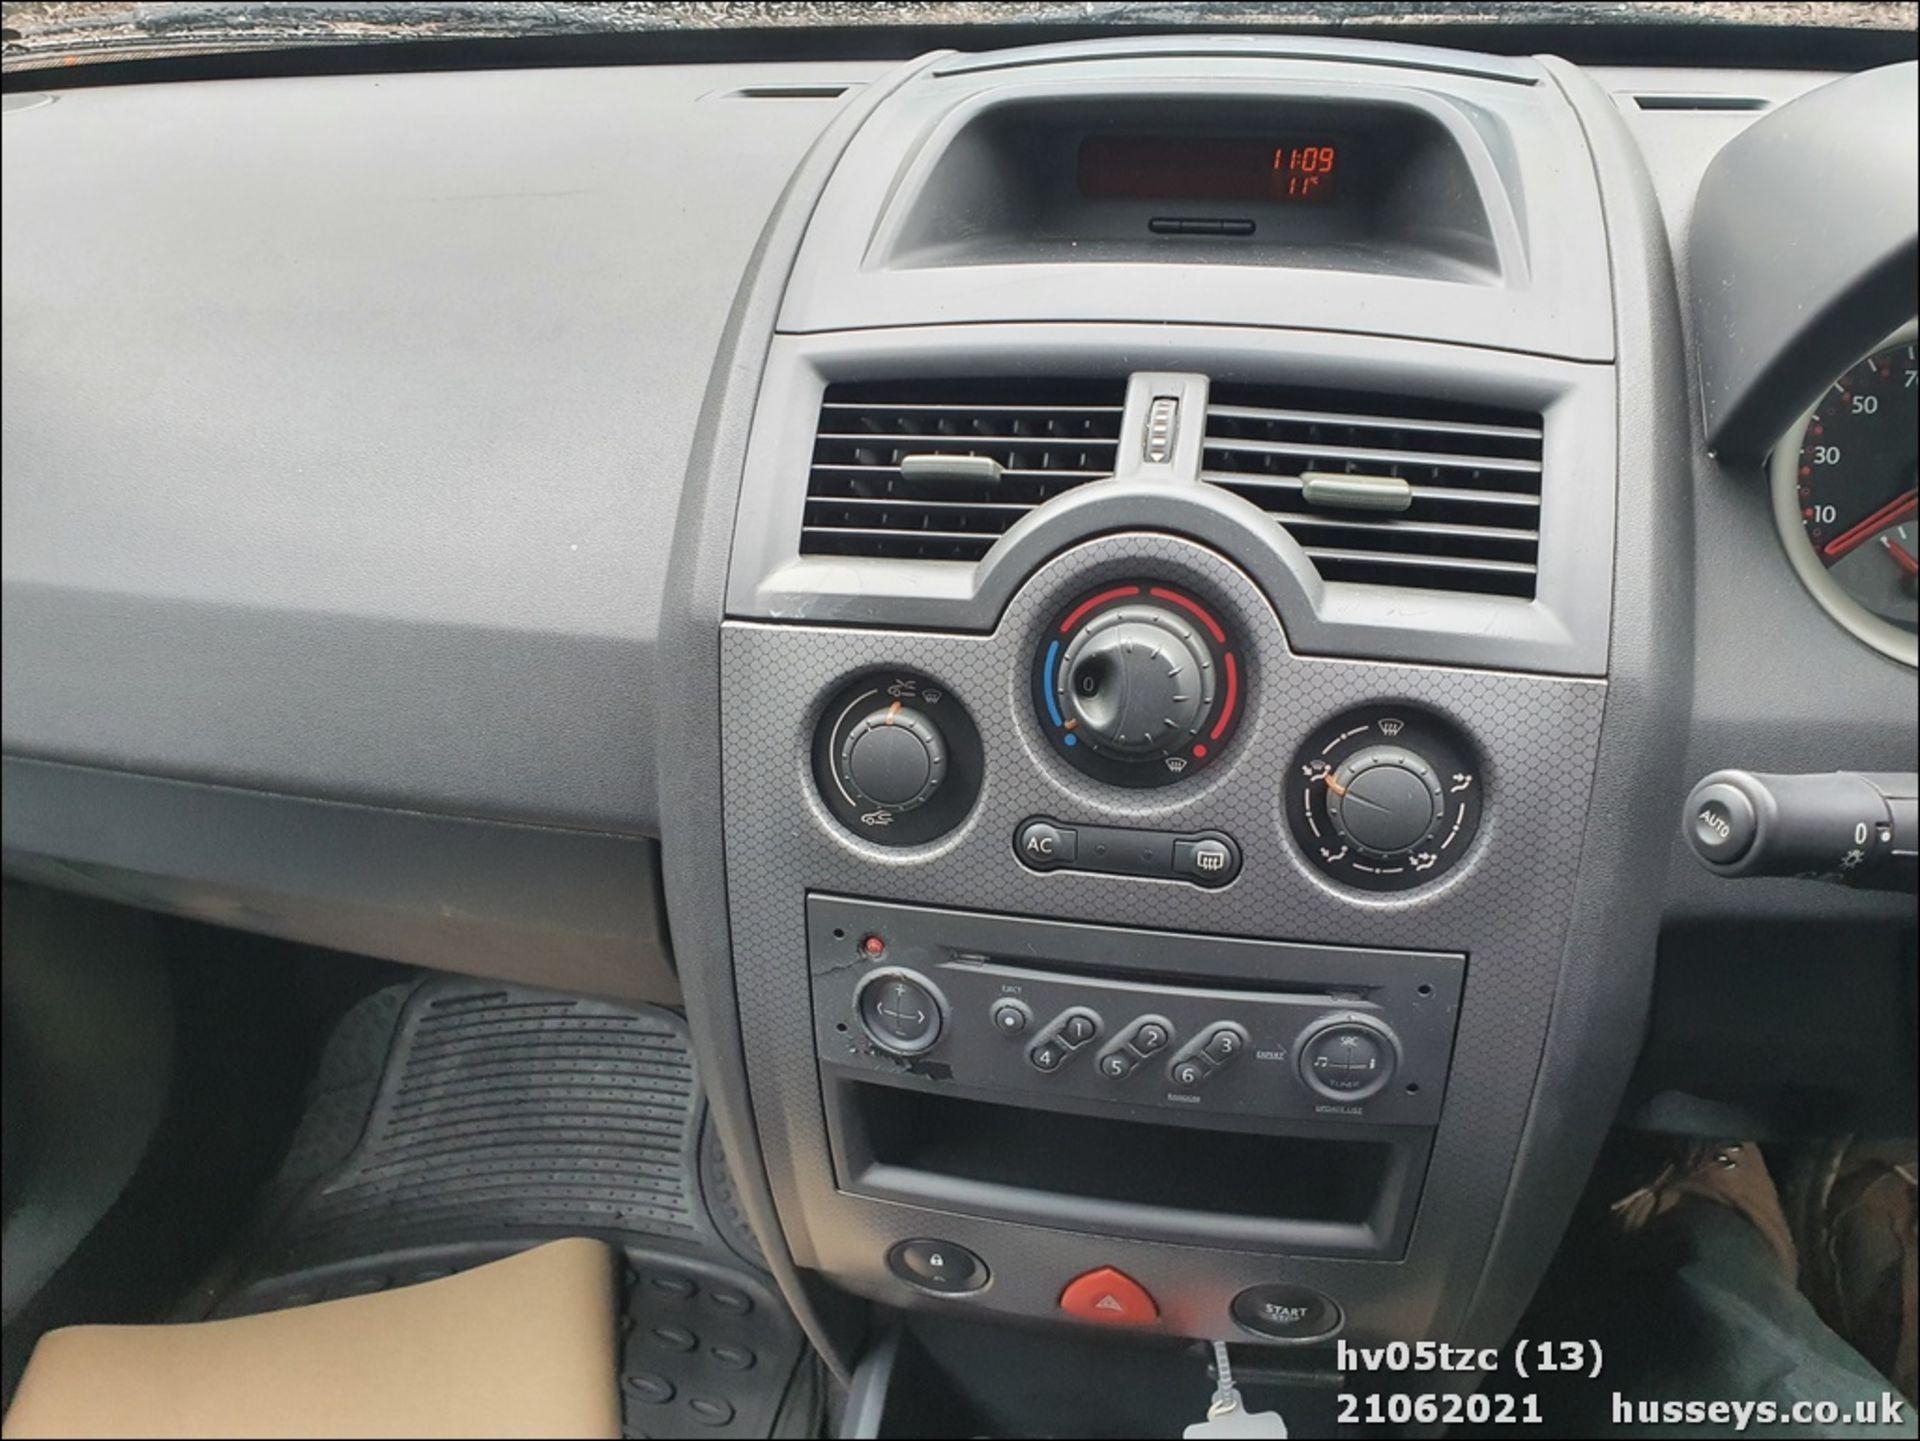 05/05 RENAULT MEGANE DYNAMIQUE 16V - 1598cc 5dr Hatchback (Grey, 41k) - Image 13 of 13